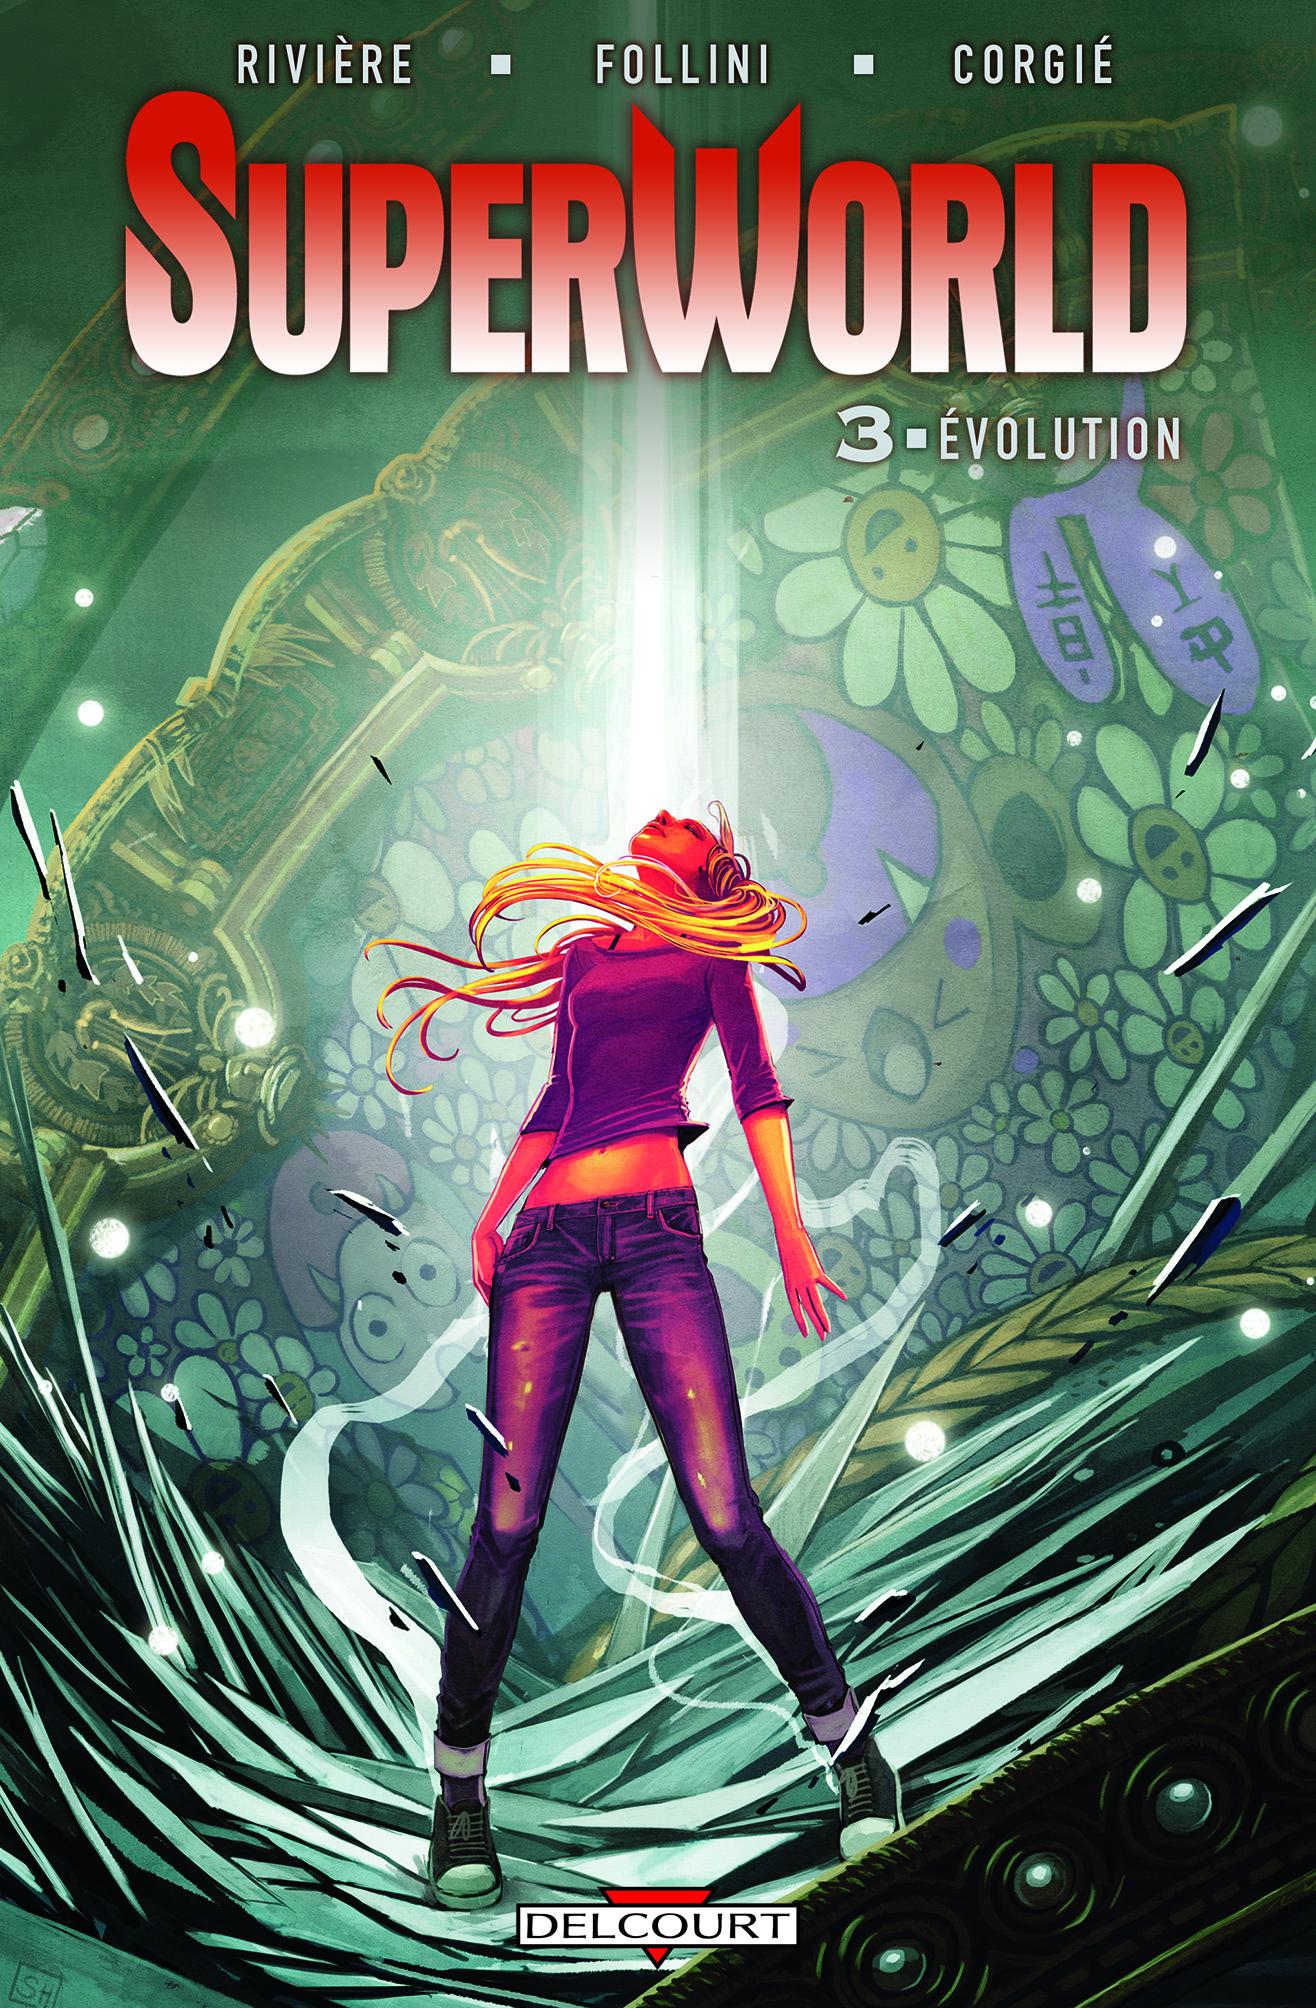 SuperWorld T3 : Evolution (0), comics chez Delcourt de Rivière, Follini, Corgié, Hans